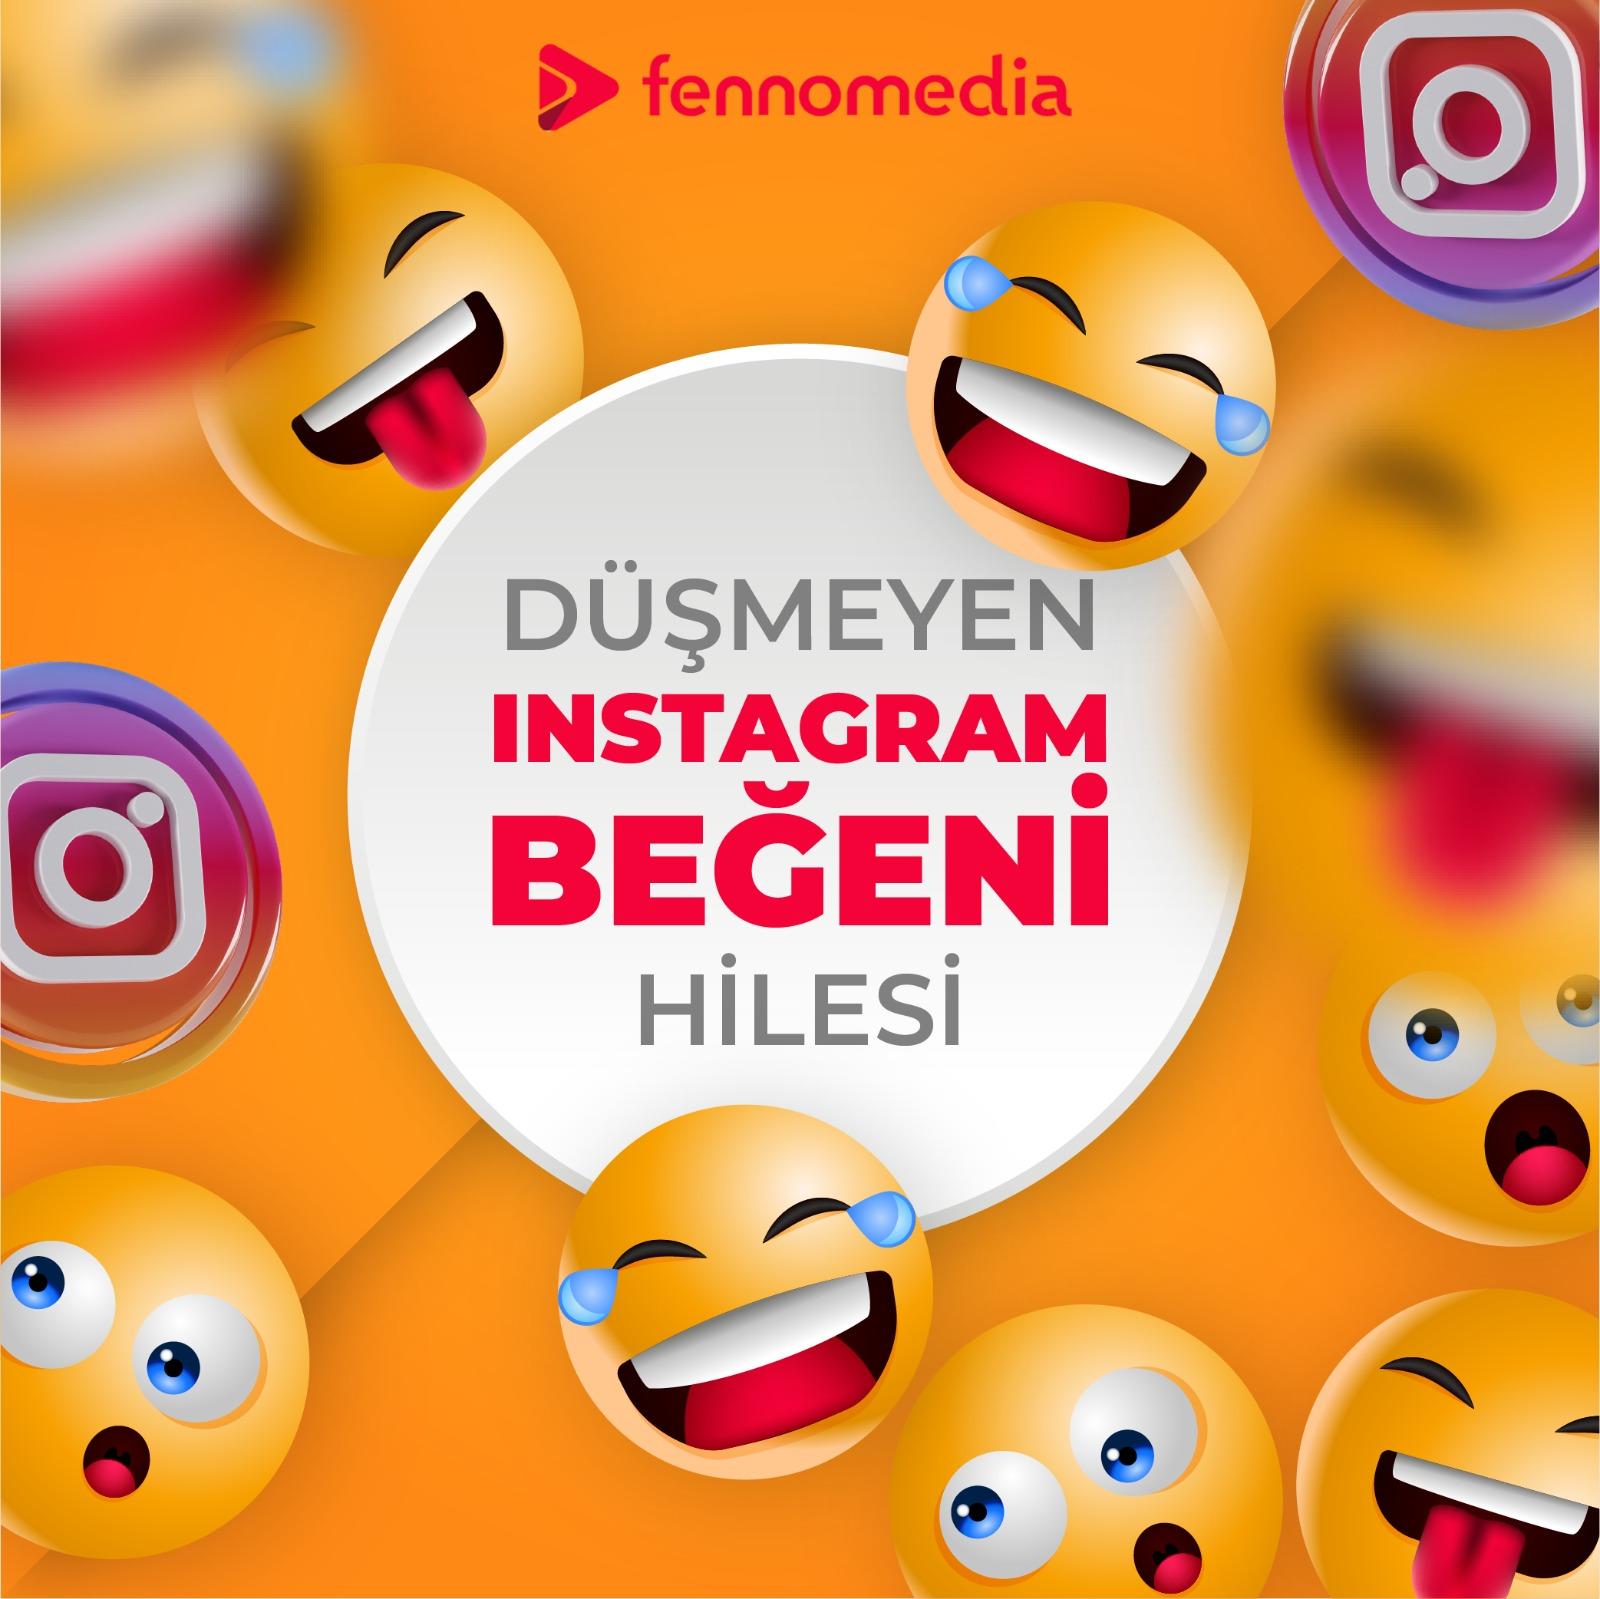 Düşmeyen Instagram beğeni hilesi